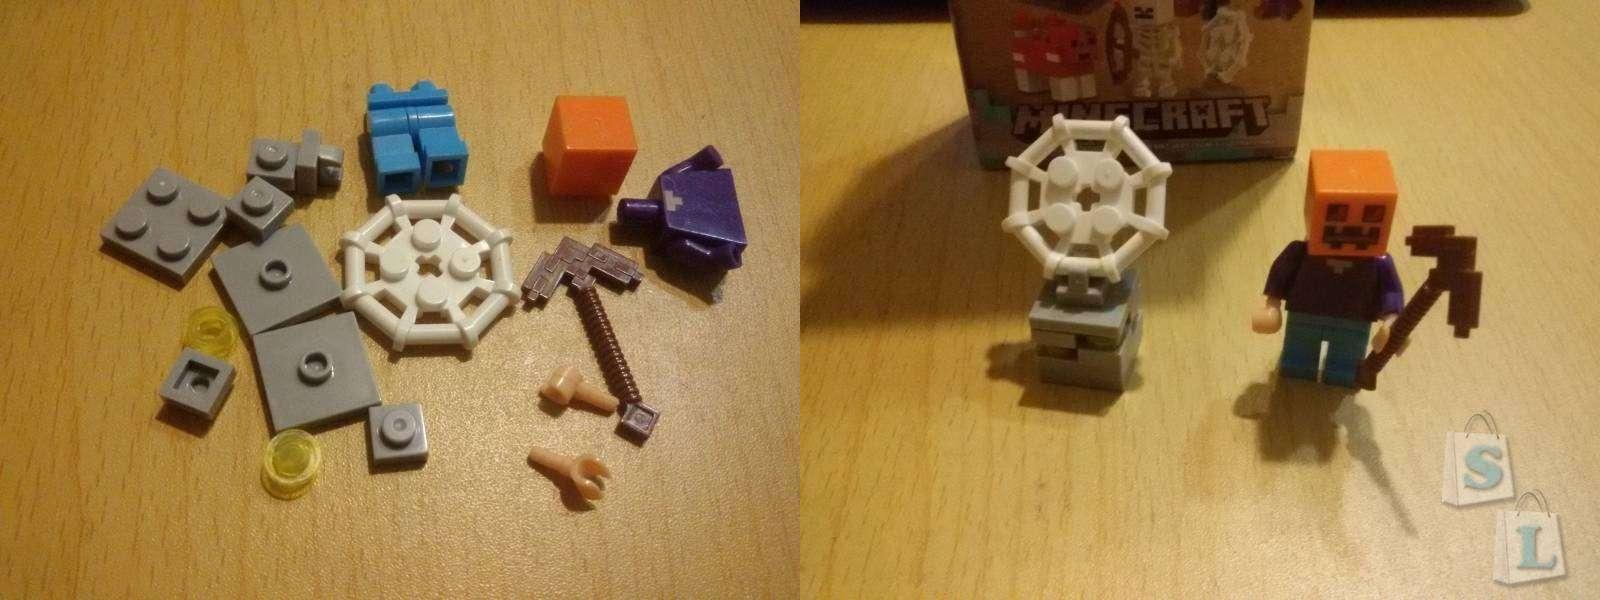 Aliexpress: Обзор конструкторов, аналог фирмы лего,  из серии Minecraft (Майнкрафт). Часть 1 'Фигурки'